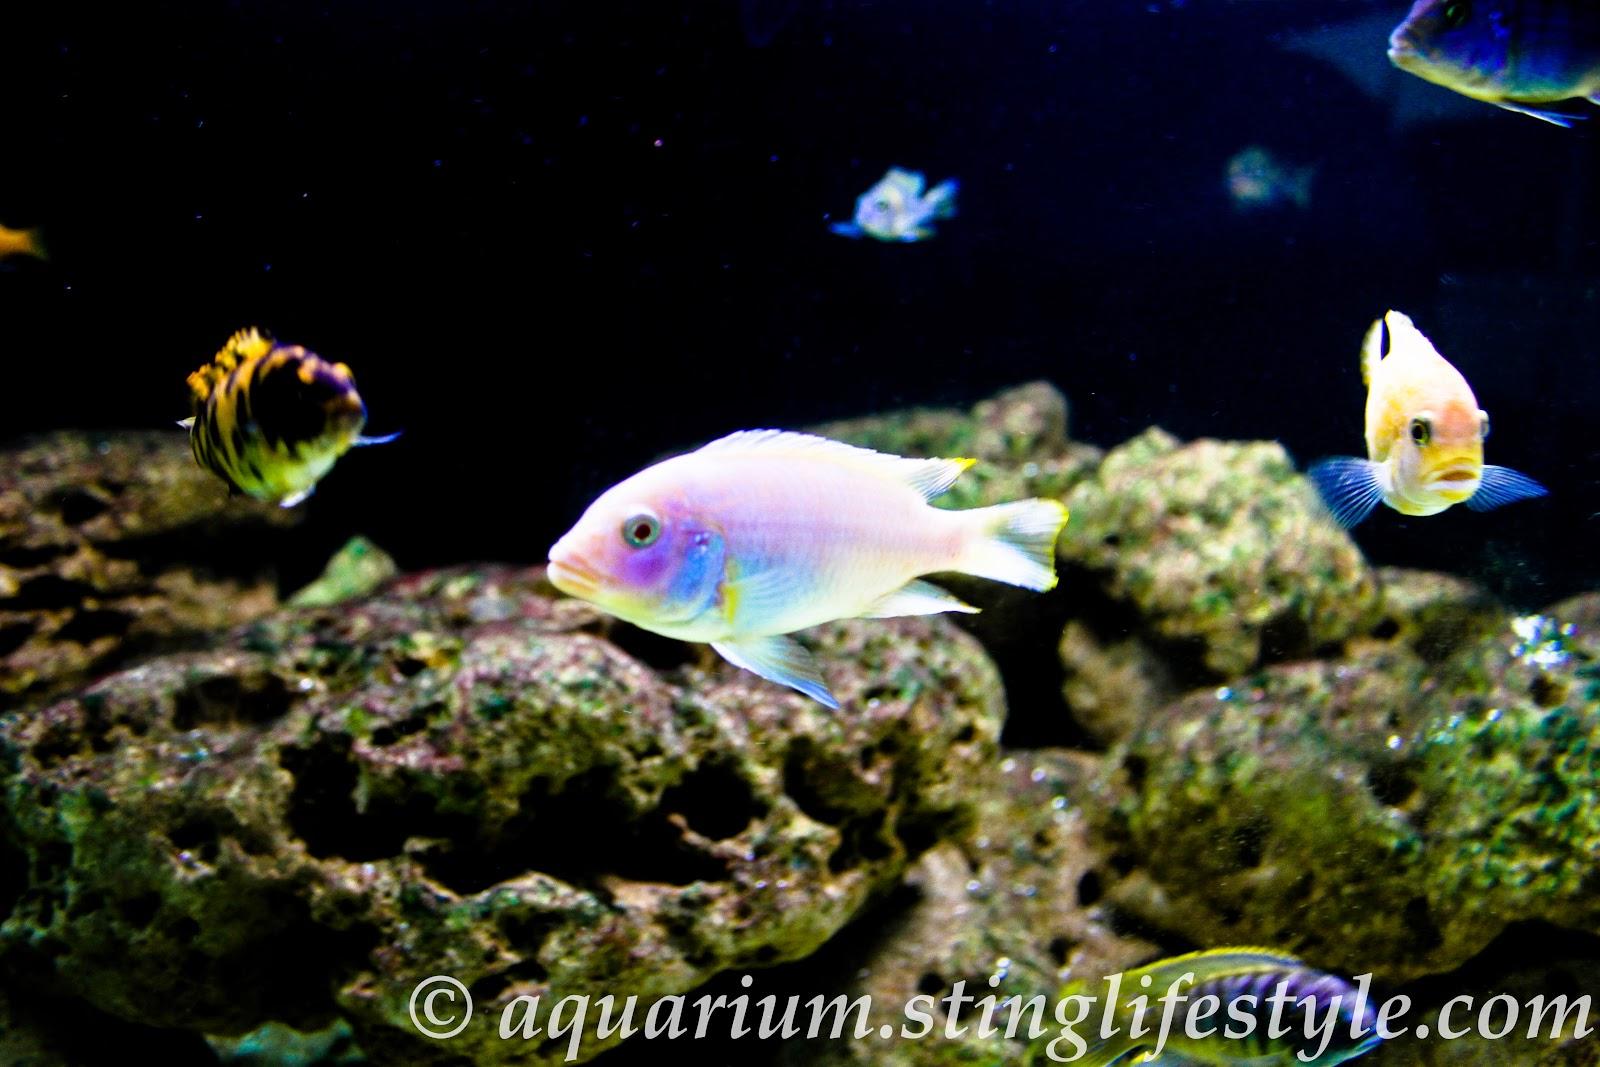 Cichlid aquarium pictures aquarium info for Cichlid fish tank